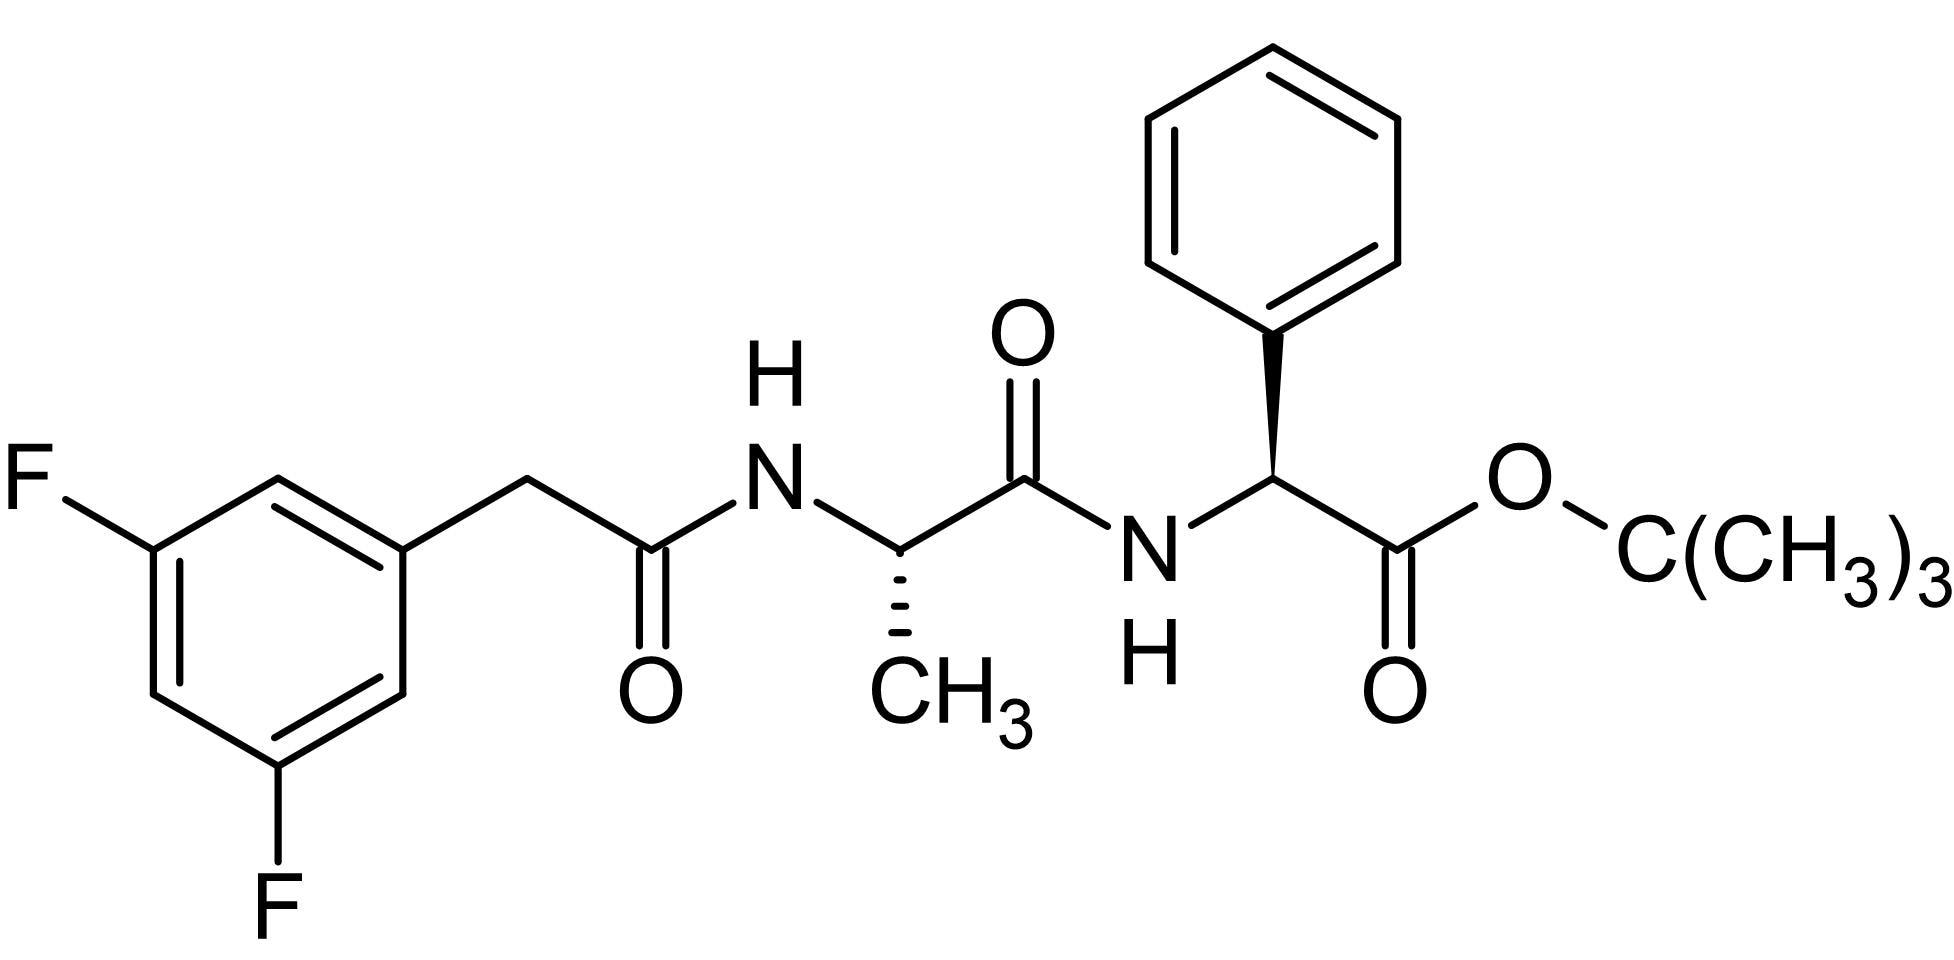 Chemical Structure - DAPT, gamma-Secretase inhibitor (ab120633)